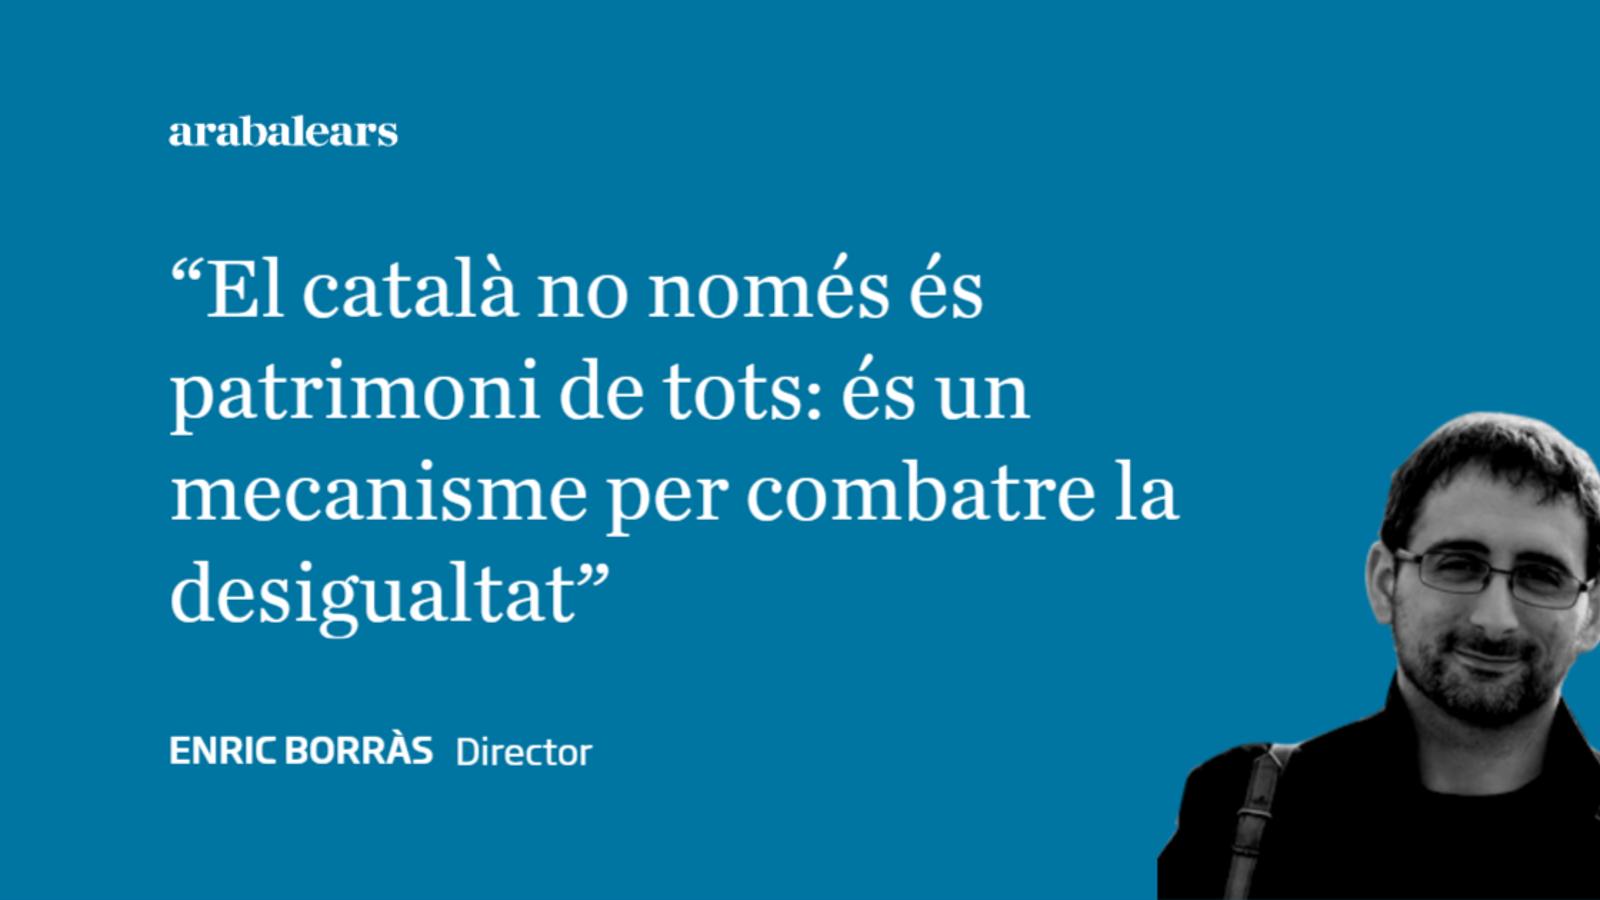 Espòiler: retallar el català és un error